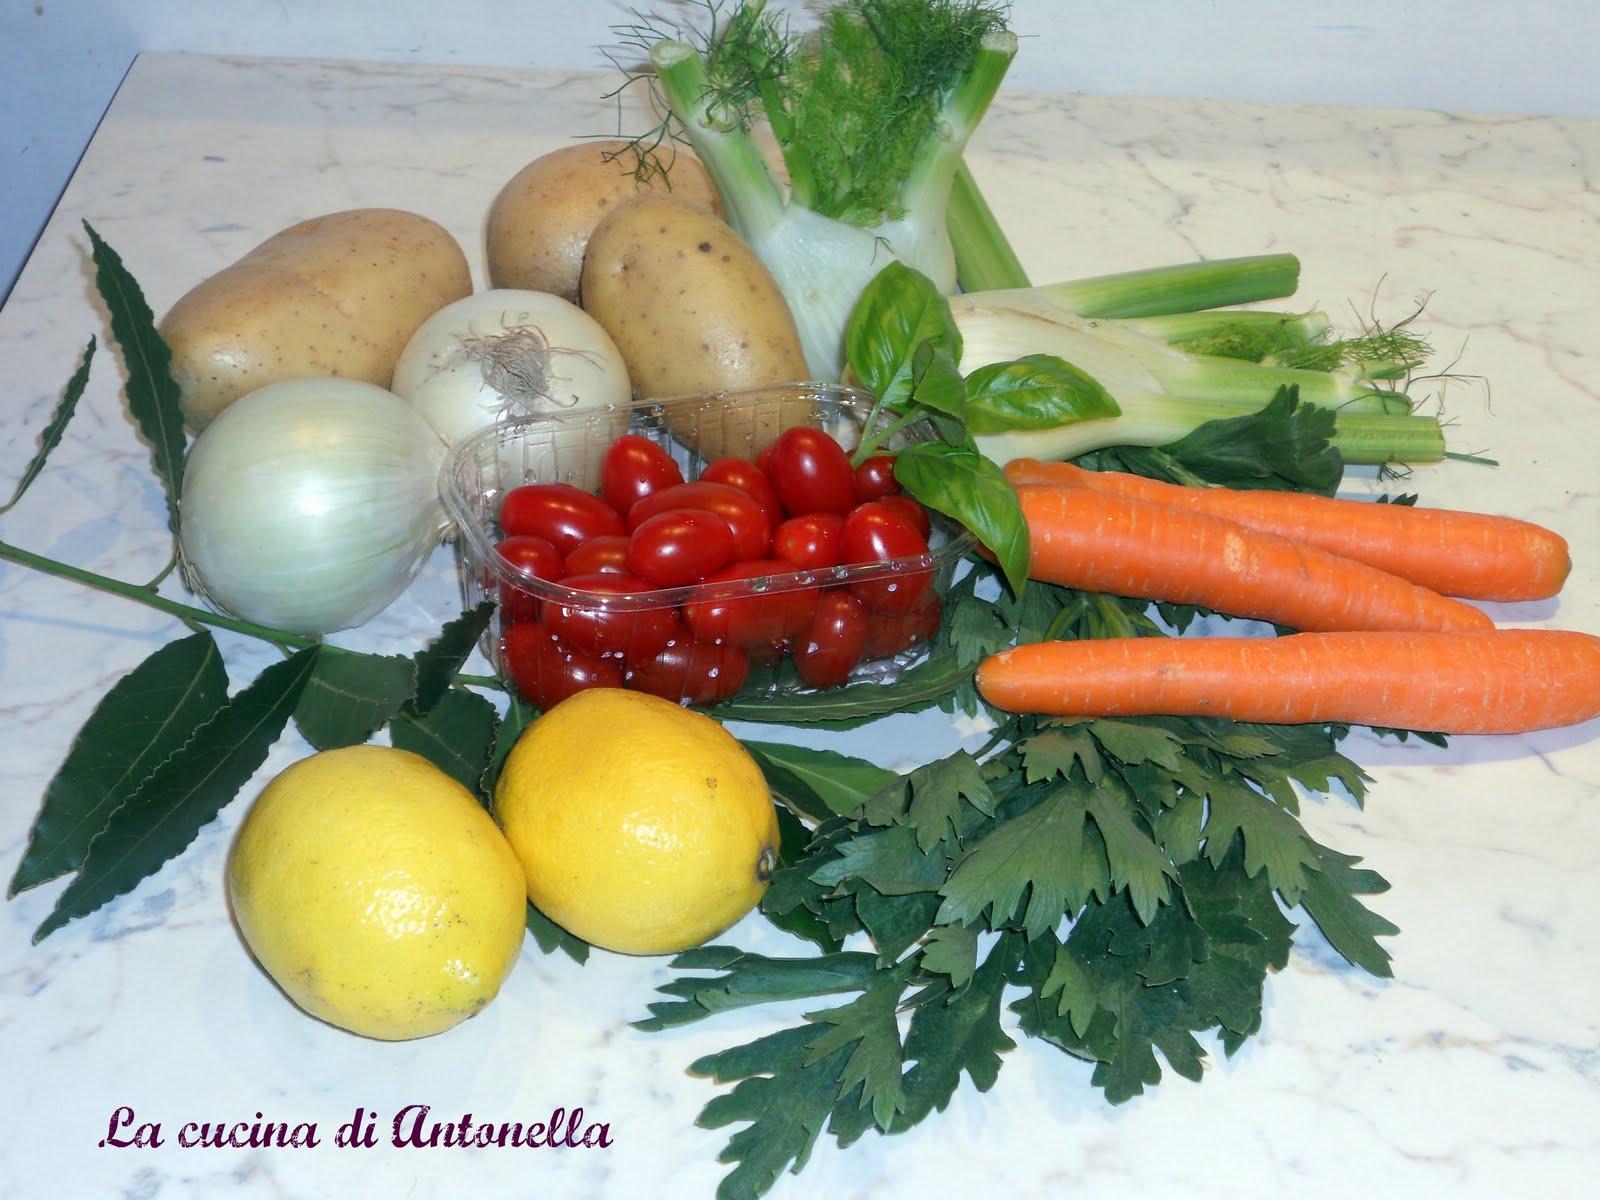 La cucina di antonella insalata catalana dello chef fabiano - La cucina di antonella ...